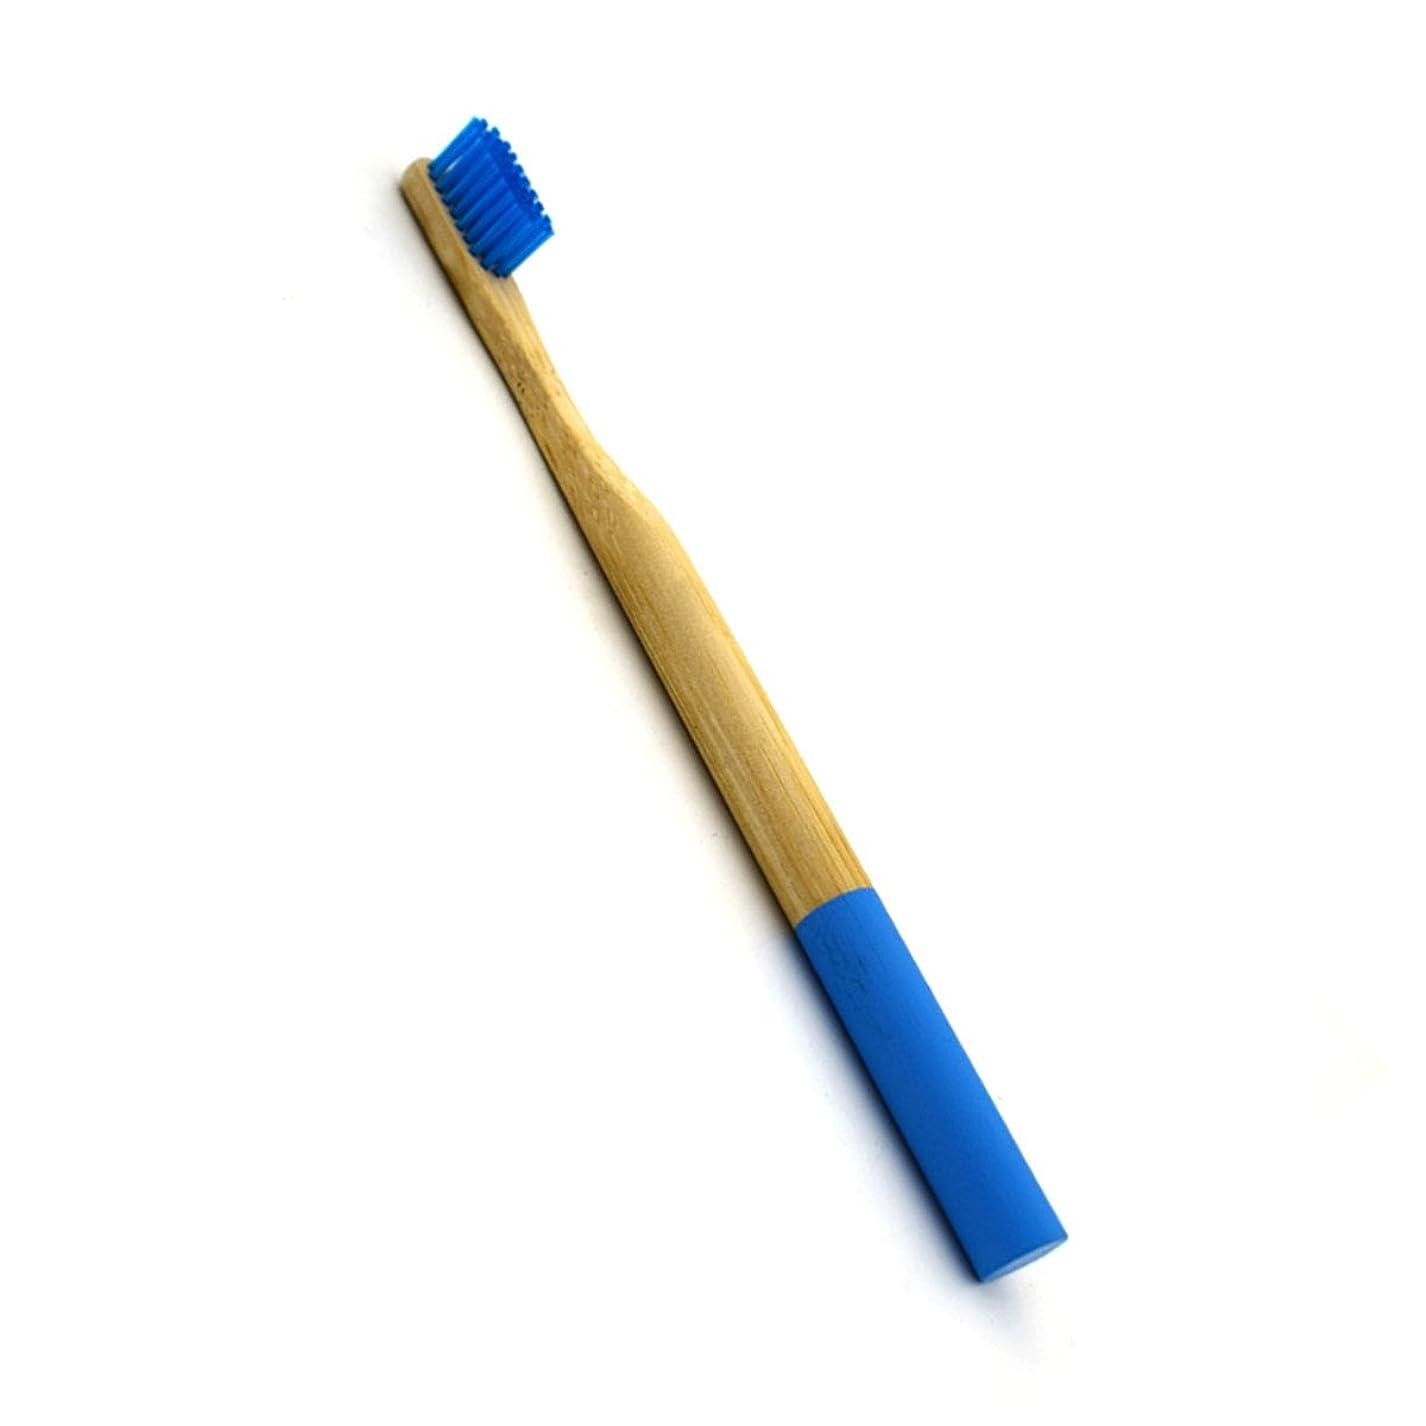 引き出すゲートウェイクレタROSENICE 竹歯ブラシラウンドハンドル自然な竹成人環境にやさしいソフトブリストル旅行歯ブラシ